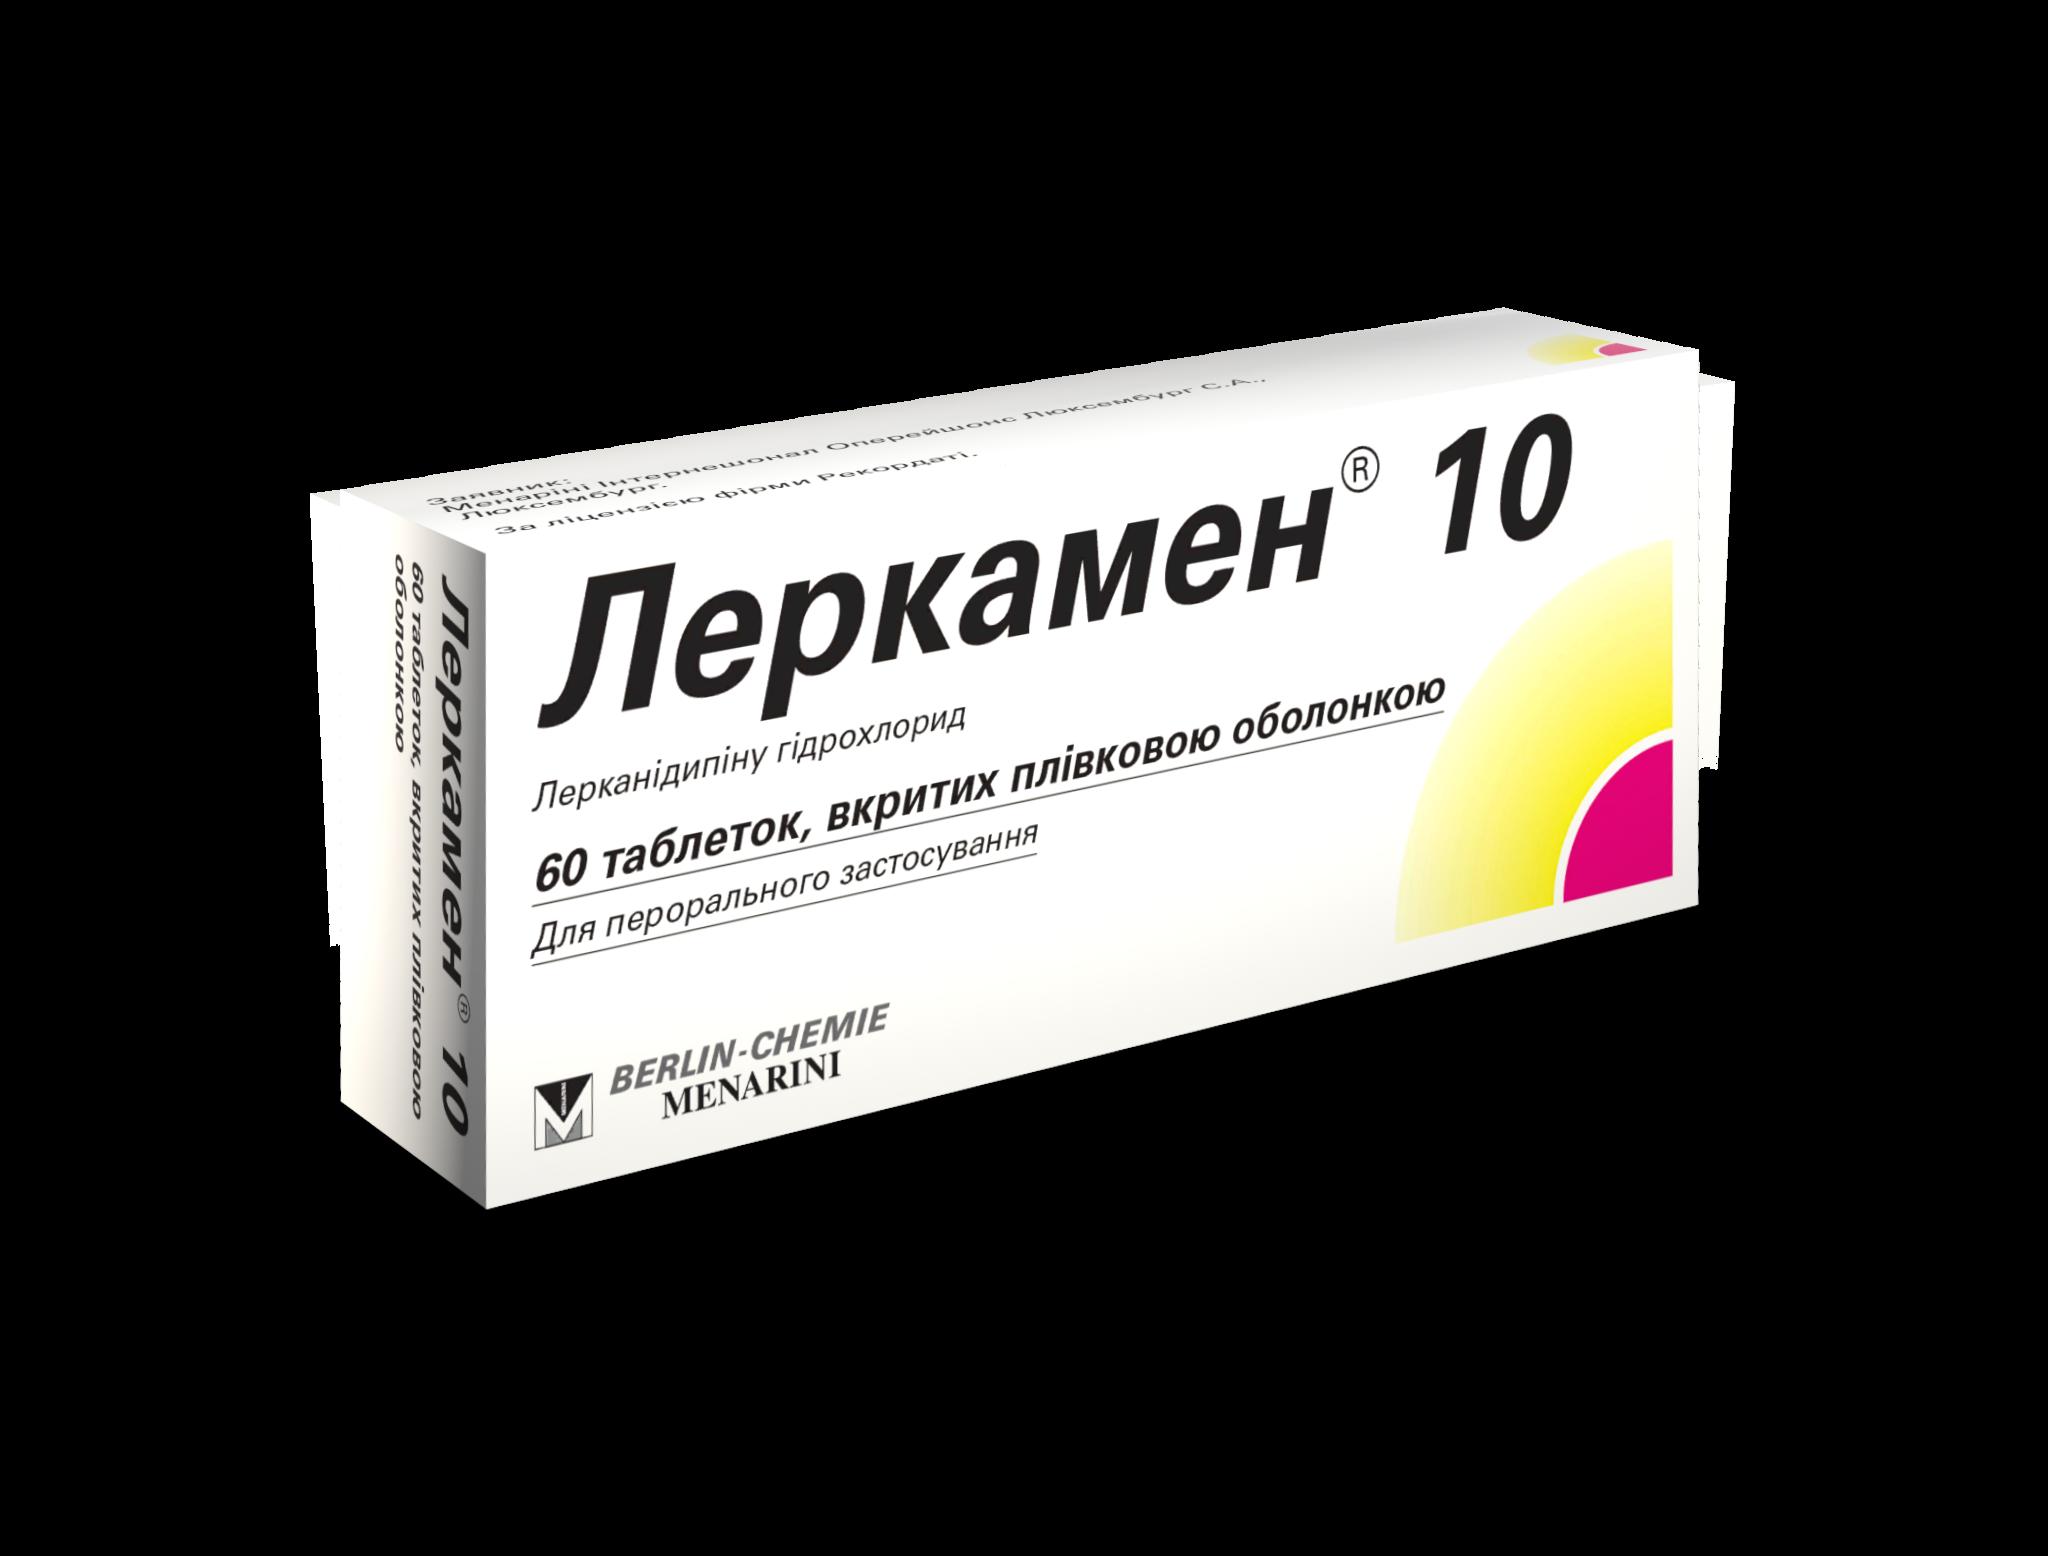 Леркамен 10 мг №60 таблетки_600619790d196.png